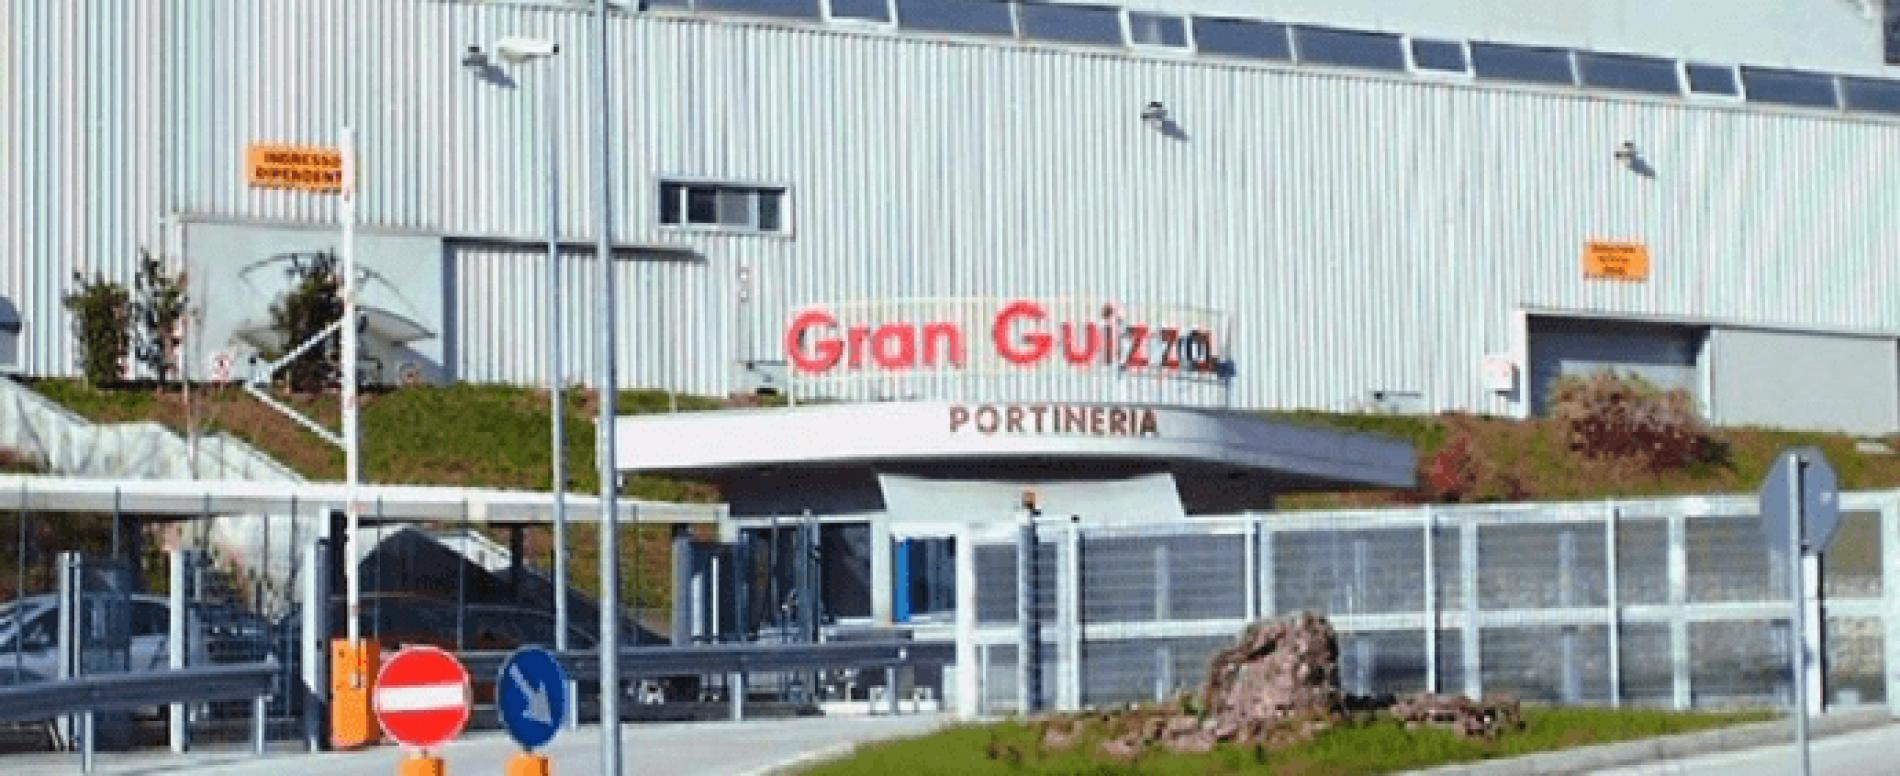 Acqua Gran Guizza: rinnovato il contratto aziendale